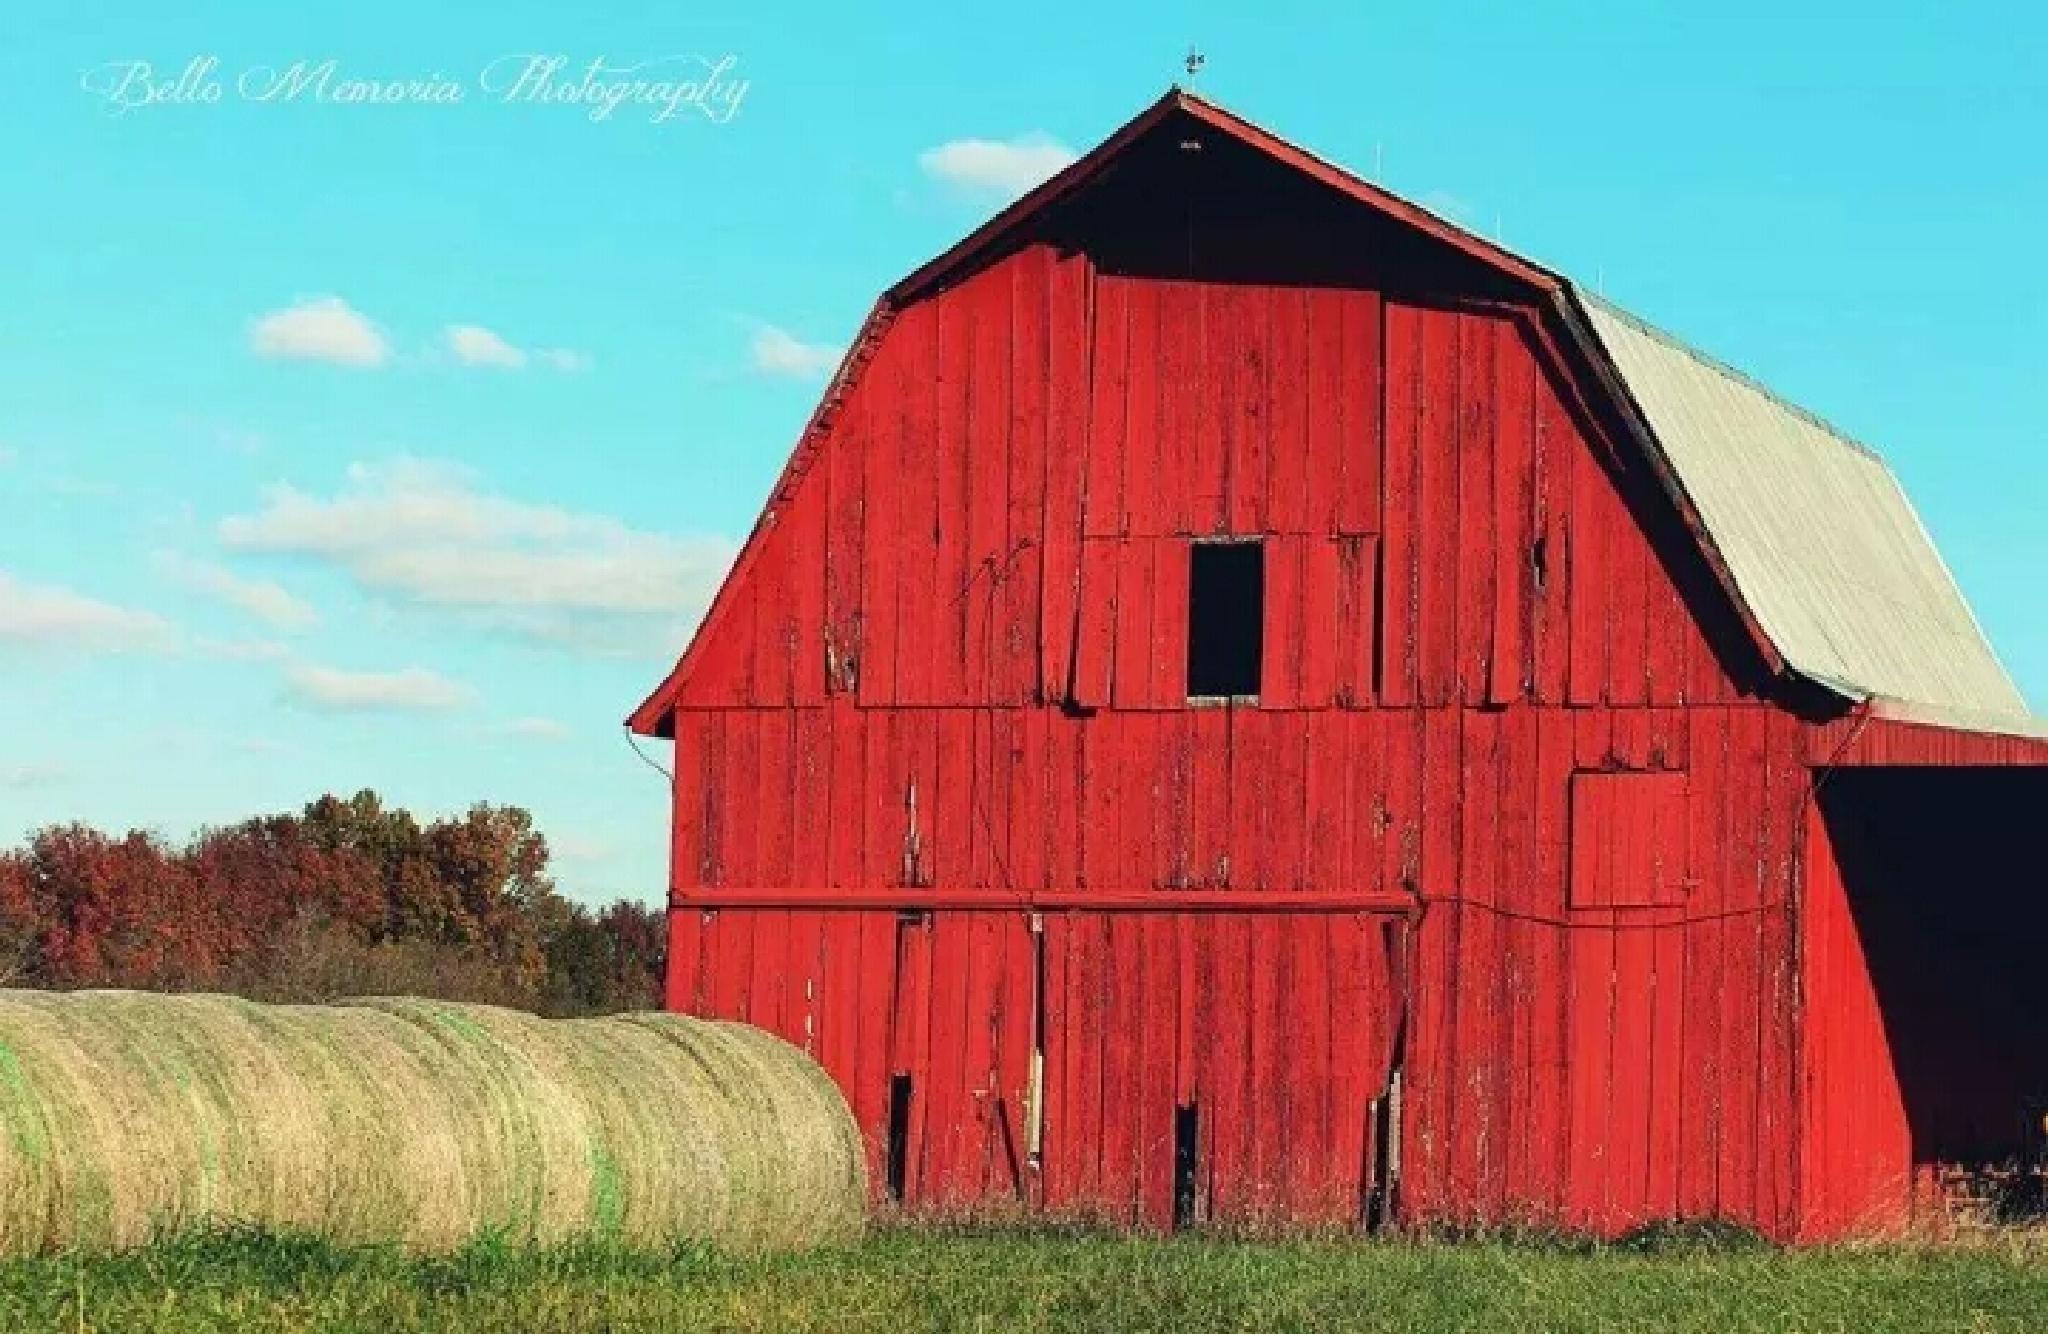 Ruby Red by hardagelh